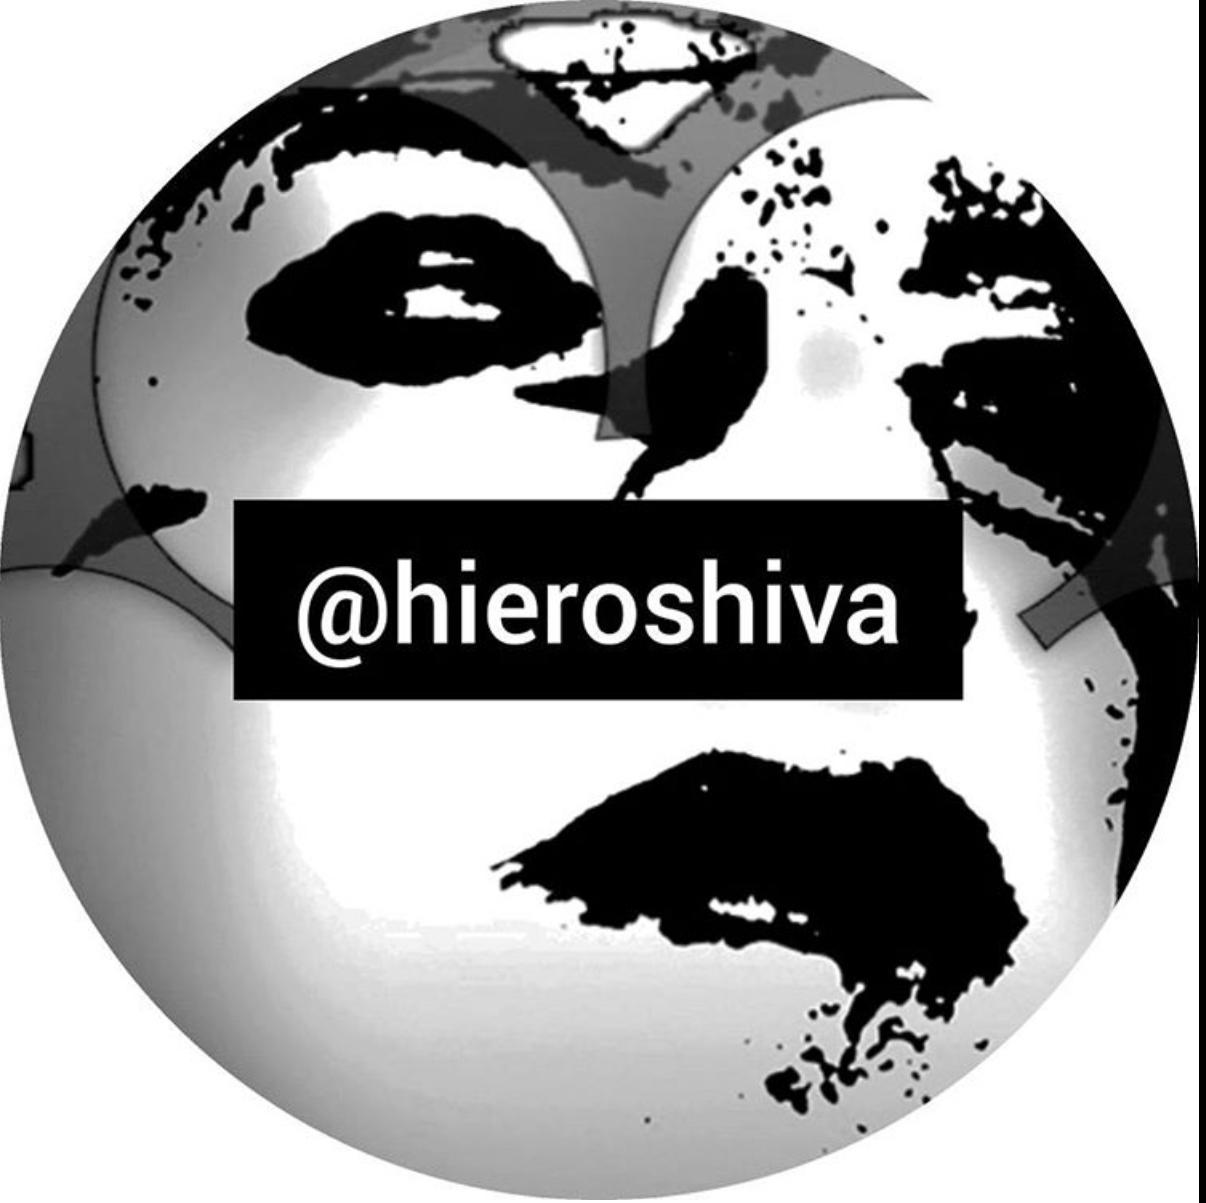 #hieroshiva